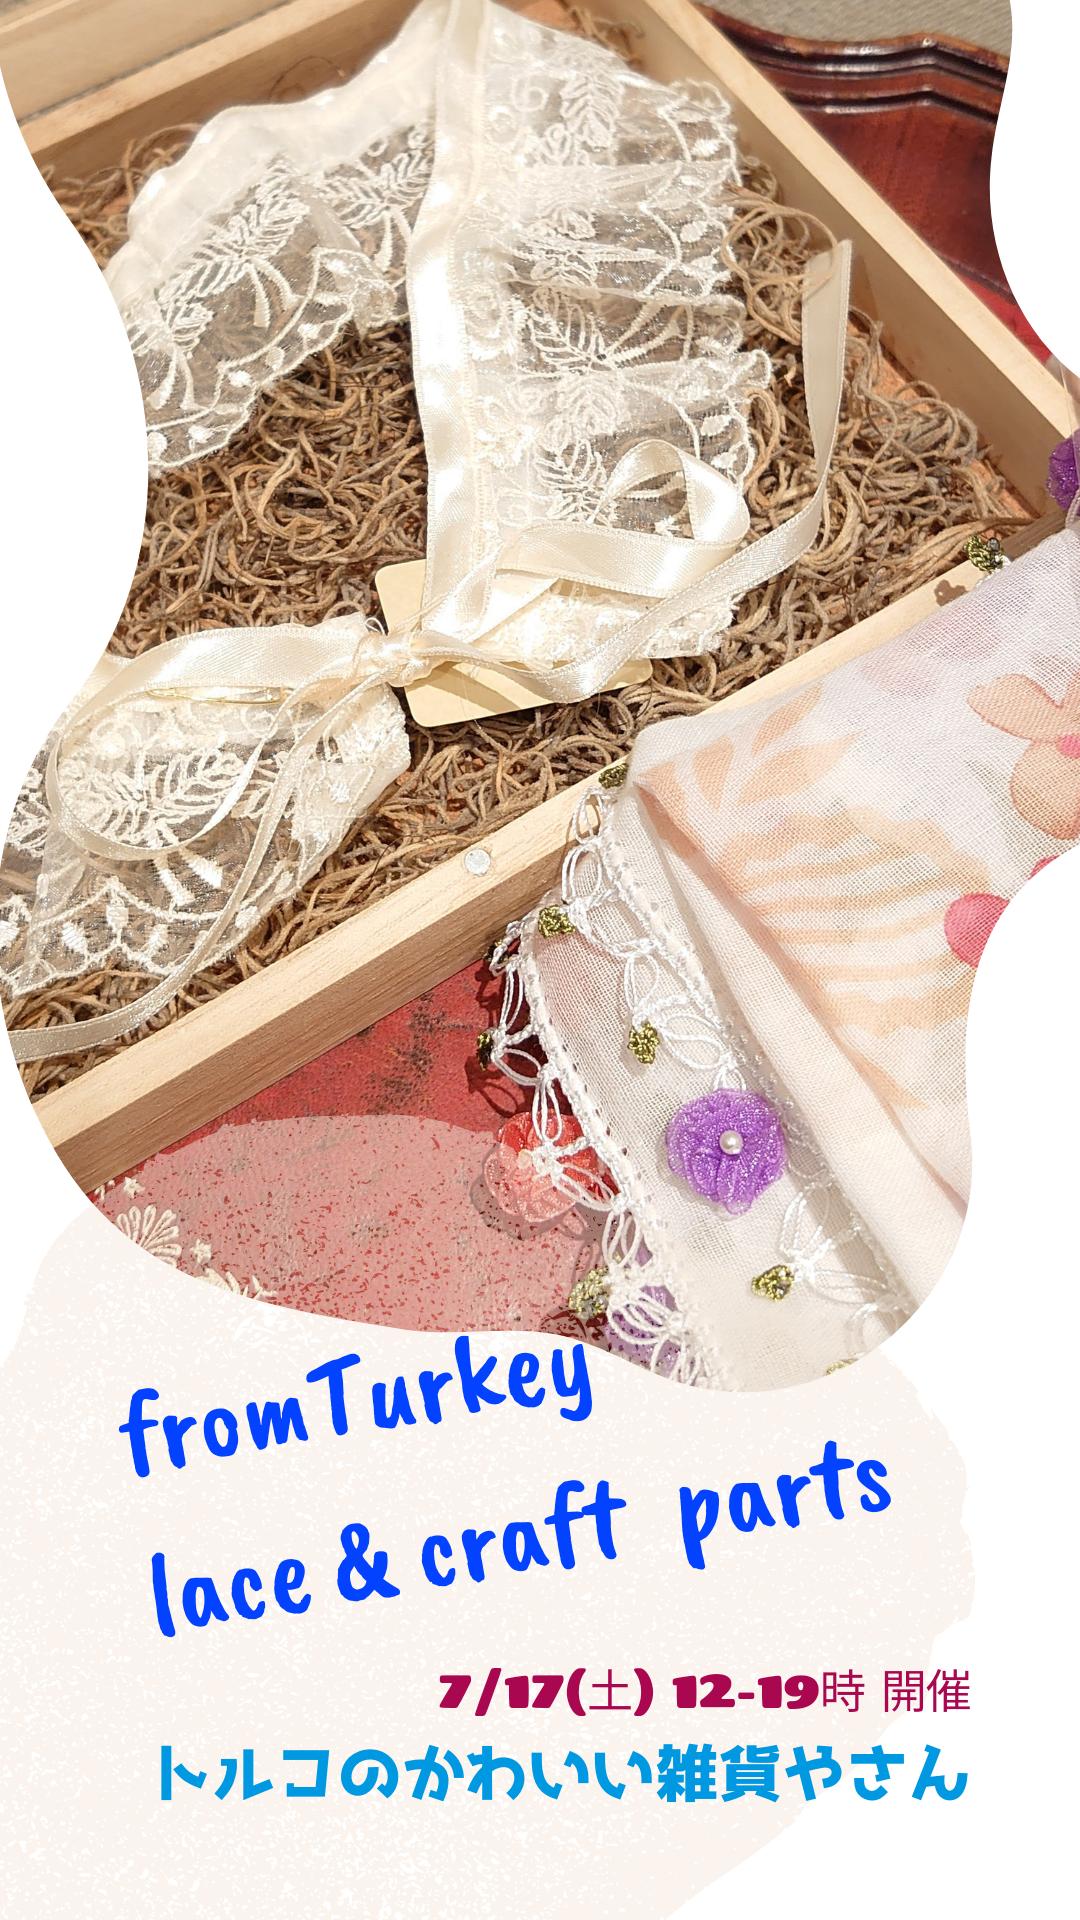 7/17はトルコのカラフル手芸小物やさんがやって来るのです。